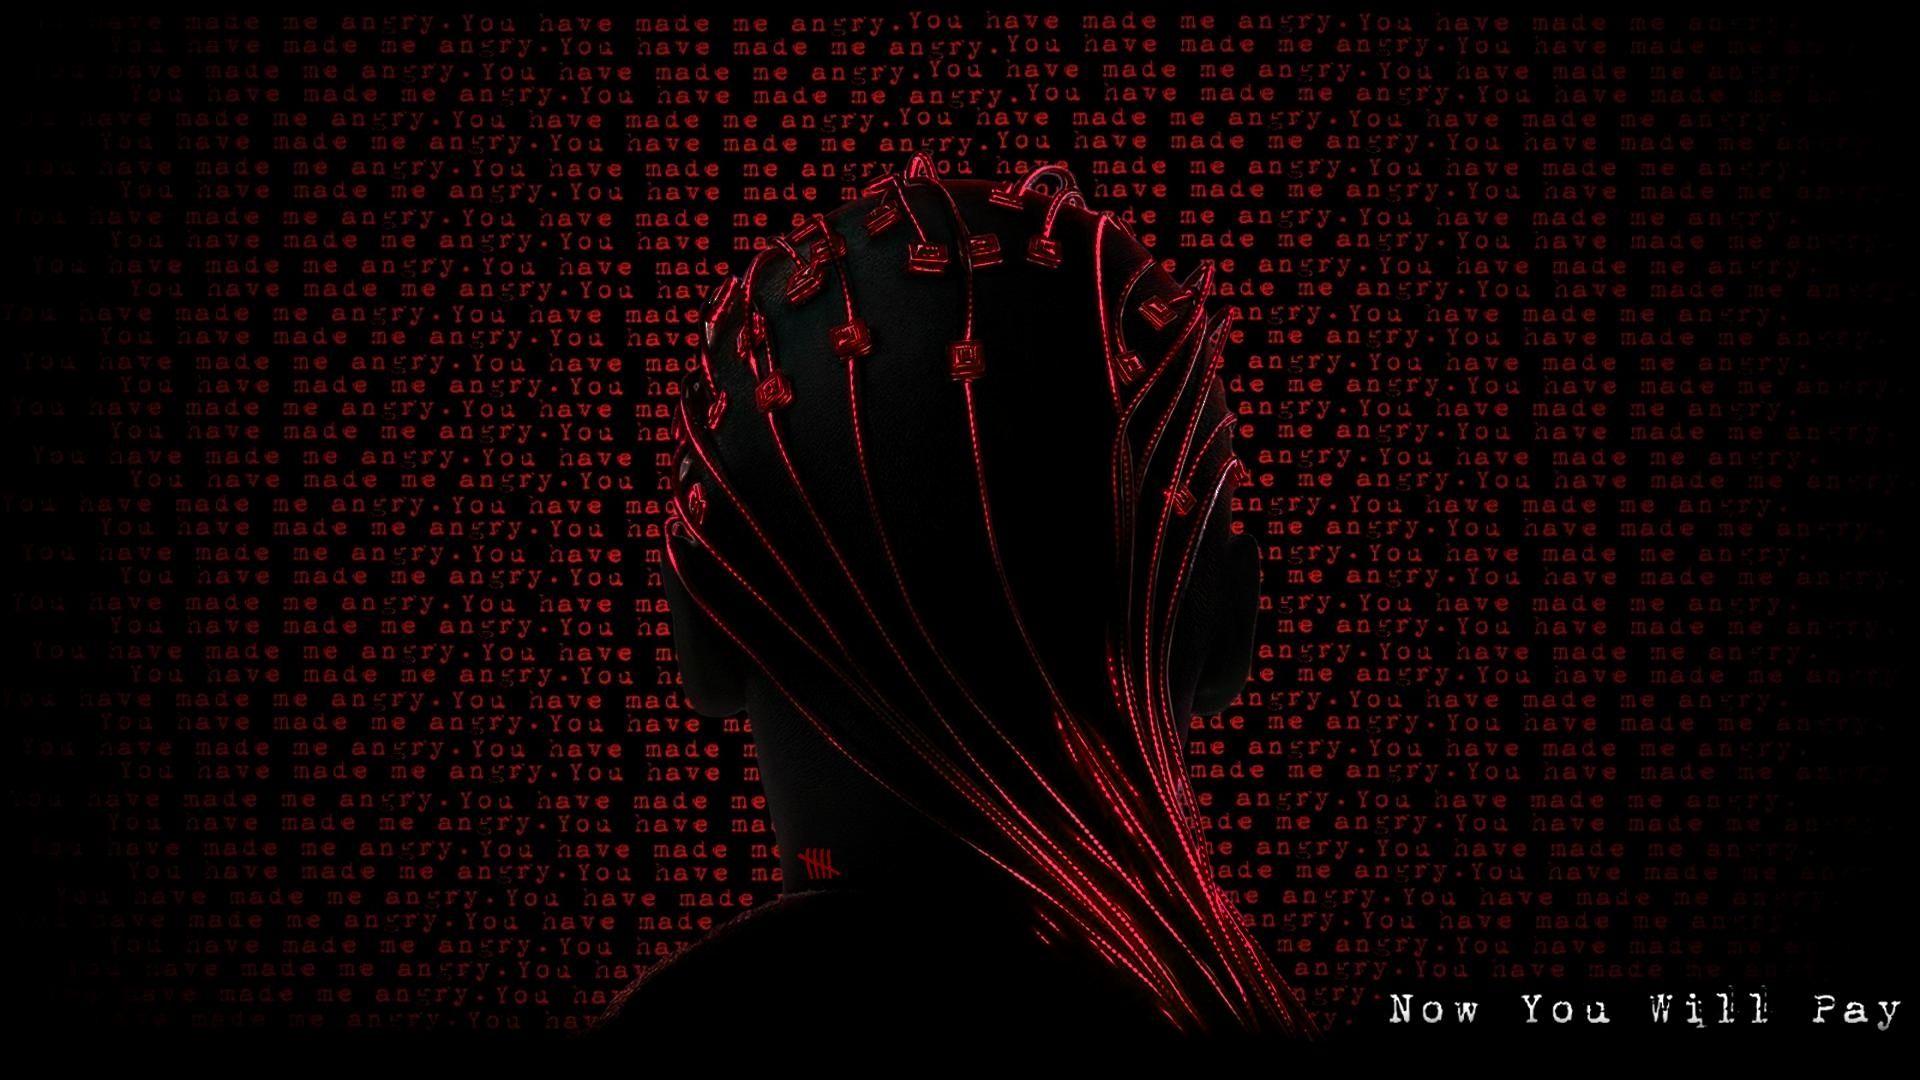 Hacker Pc Wallpapers 4k Hd Hacker Pc Backgrounds On Wallpaperbat